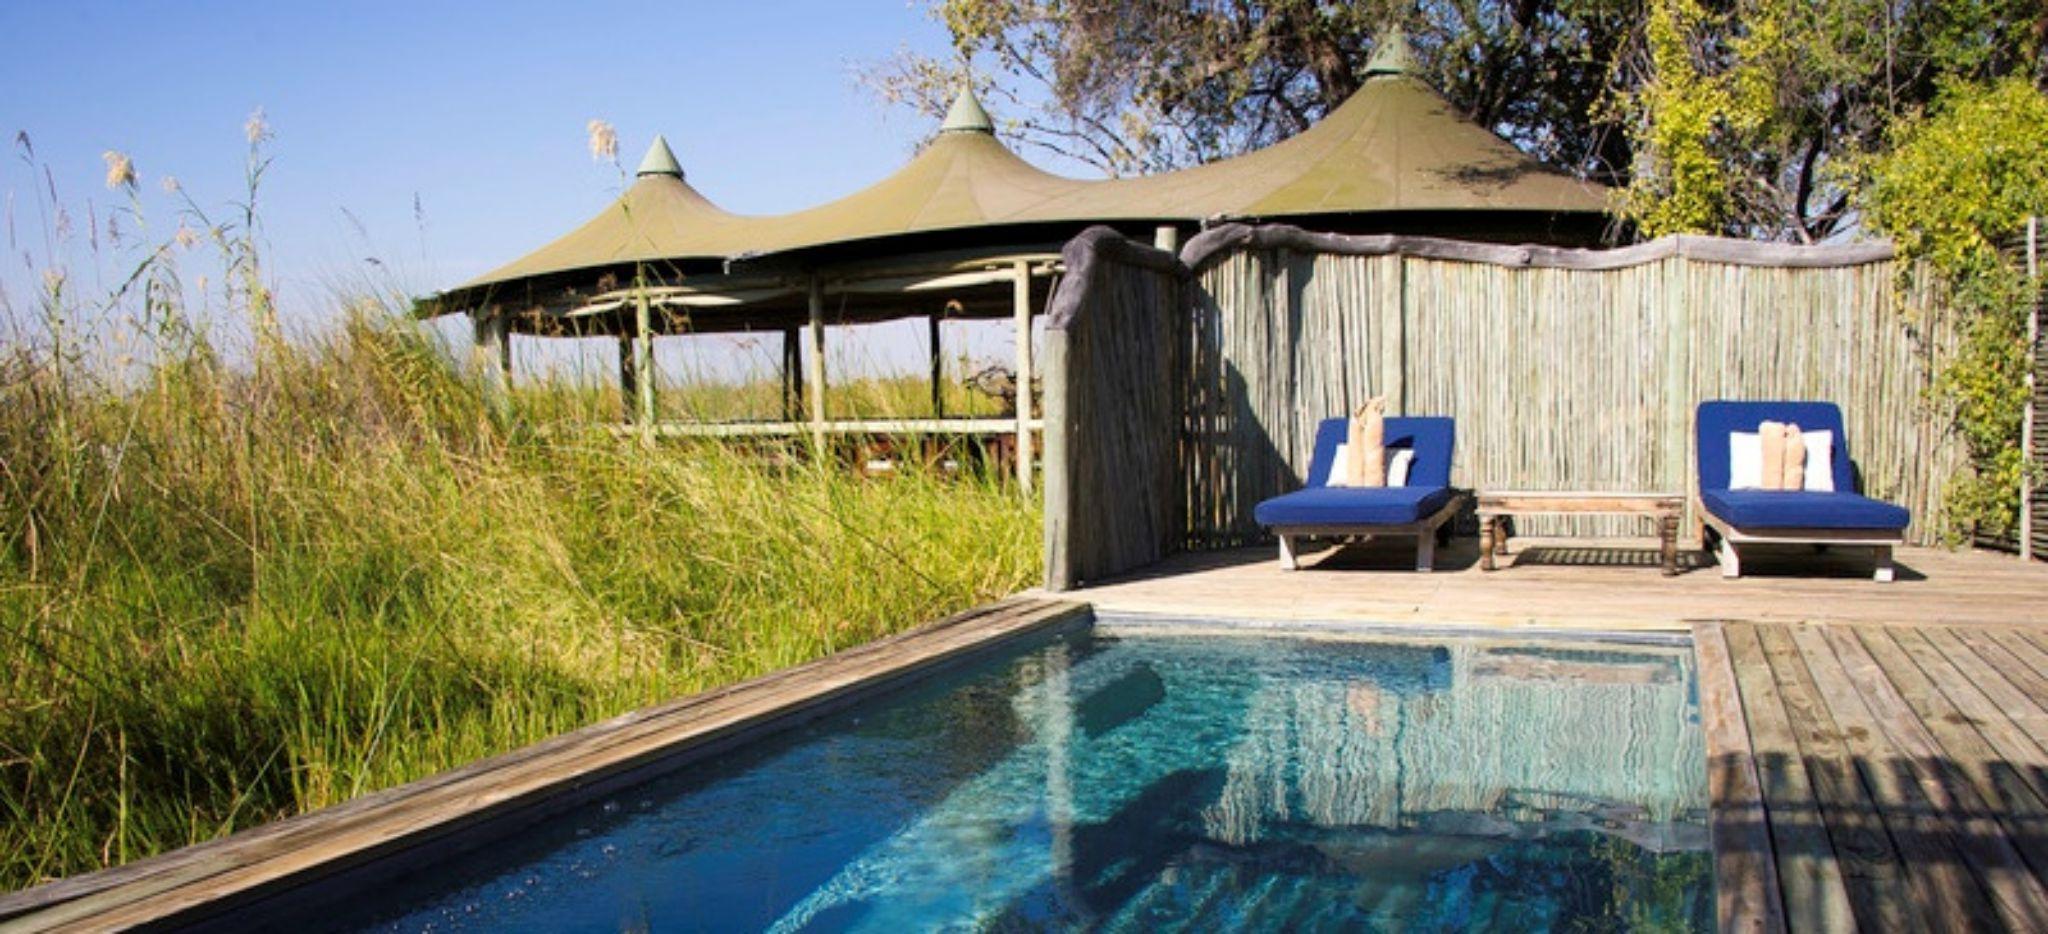 Privater Pool eines Hotelzimmers des Little Vumbura Camp in Botswana, daneben das dickicht des Okavango Deltas